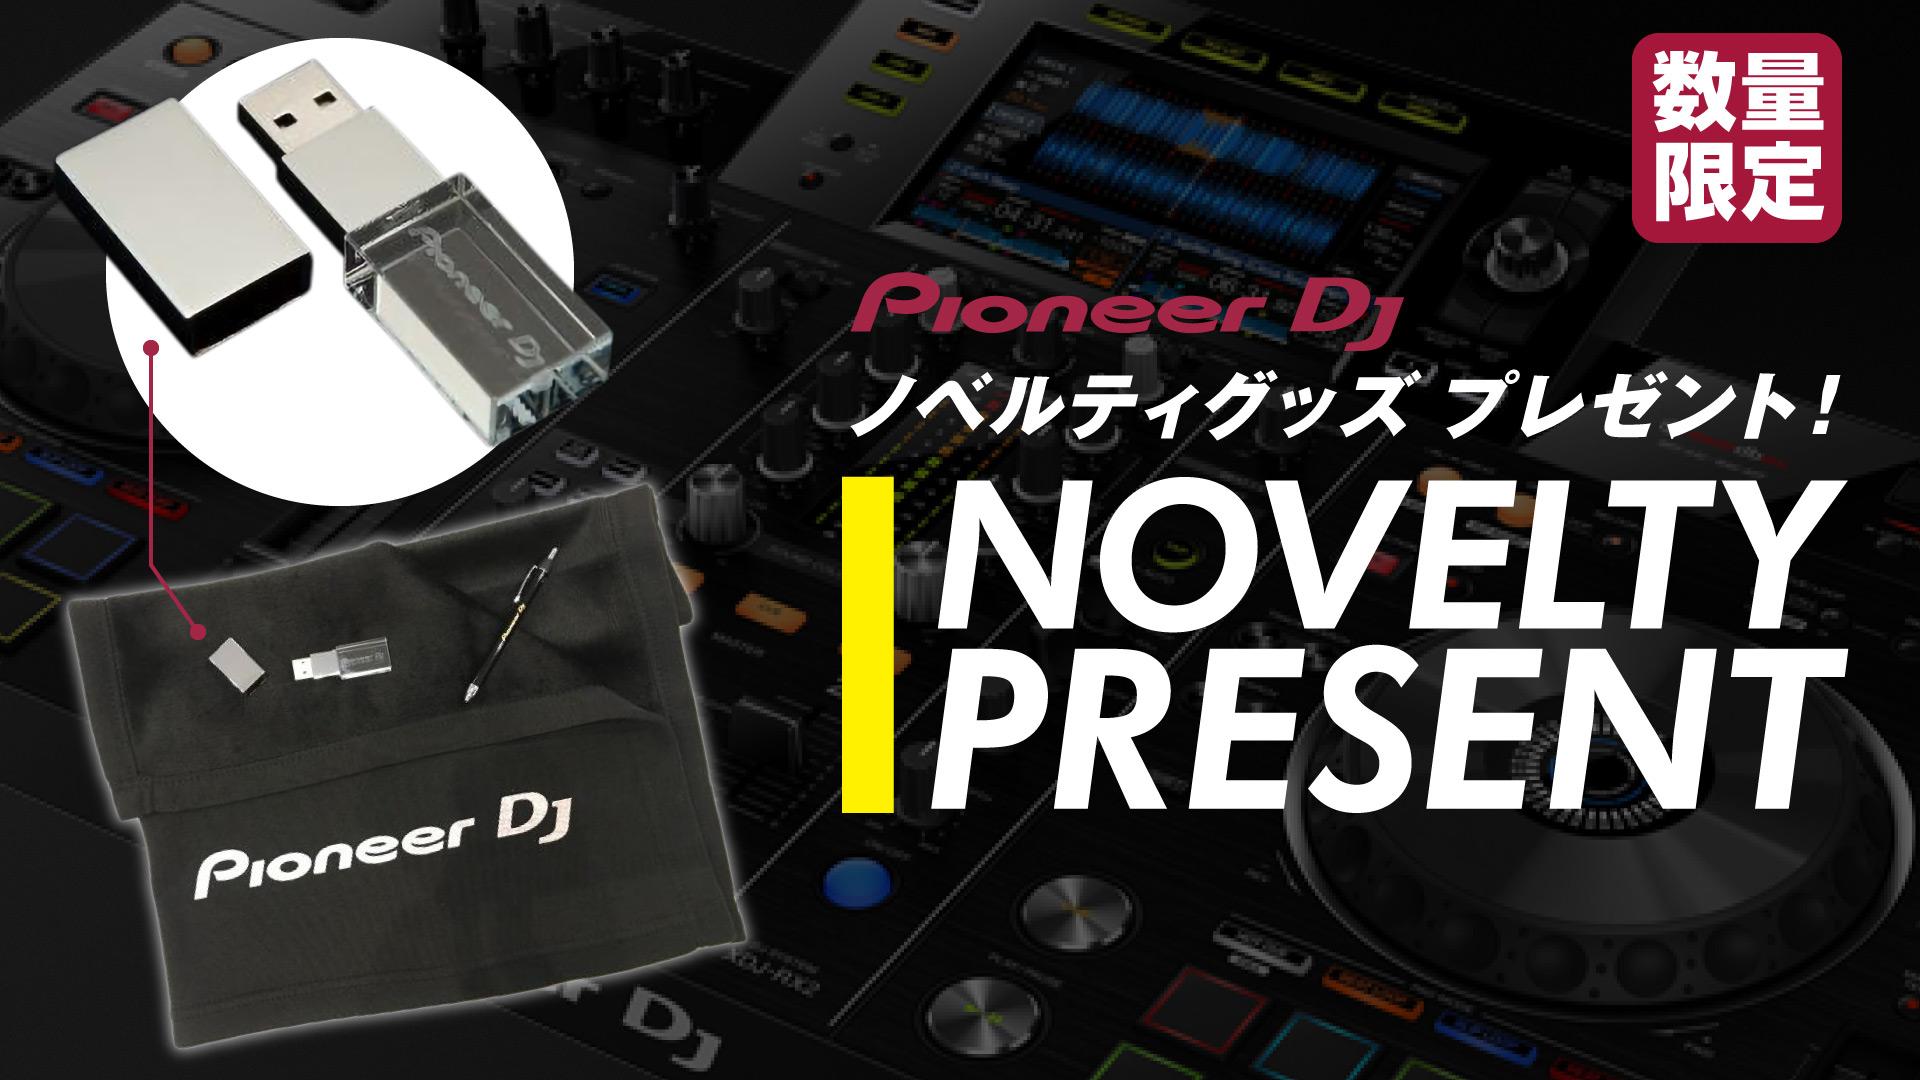 【数量限定】Pioneer DJ ノベルティグッズ・プレゼント!